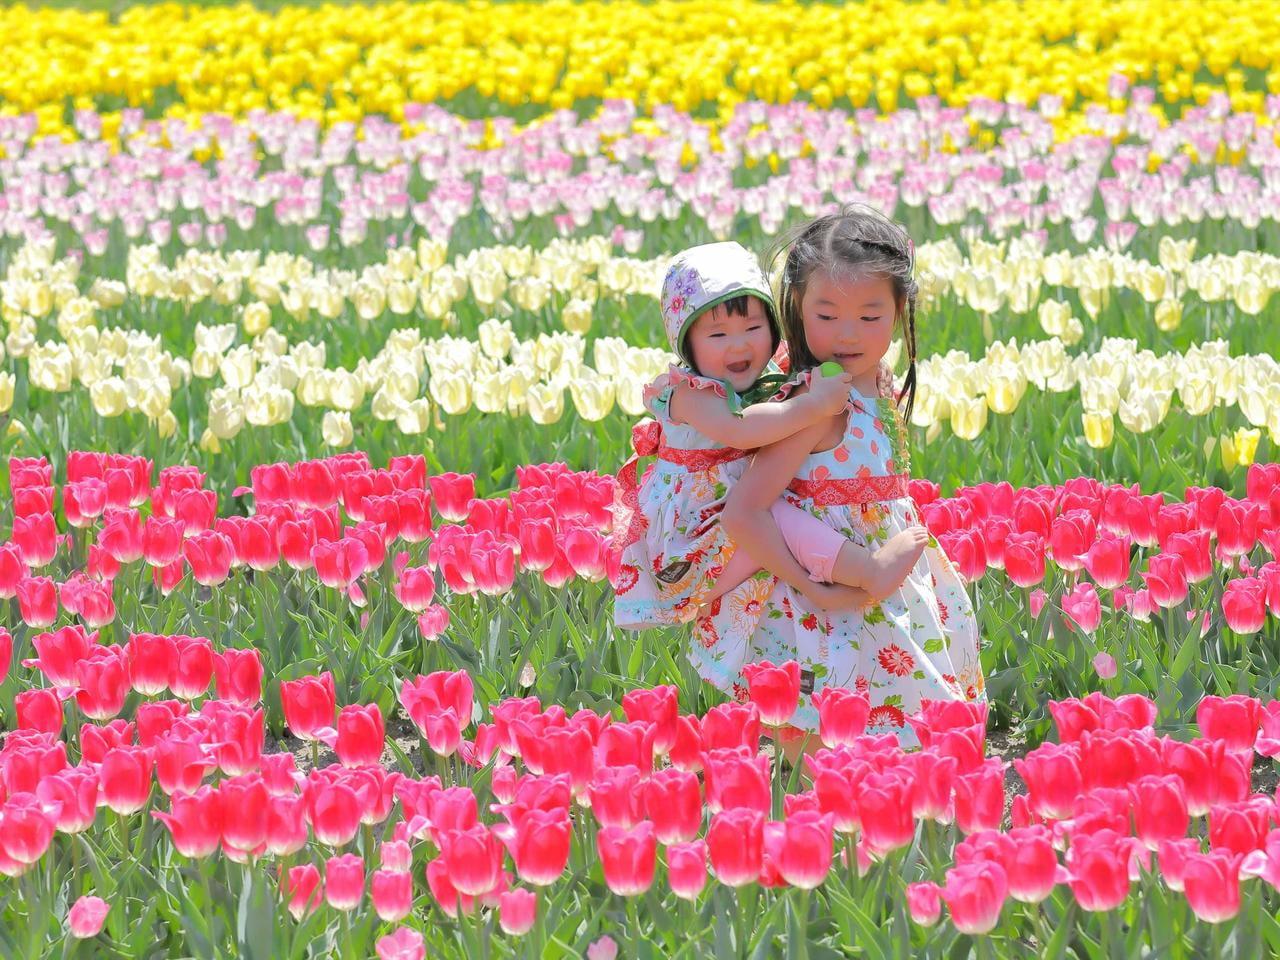 【兵庫】2020たんとうチューリップ 西日本最大級!10万本のチューリップで作るフラワーアート【閉園情報あり】